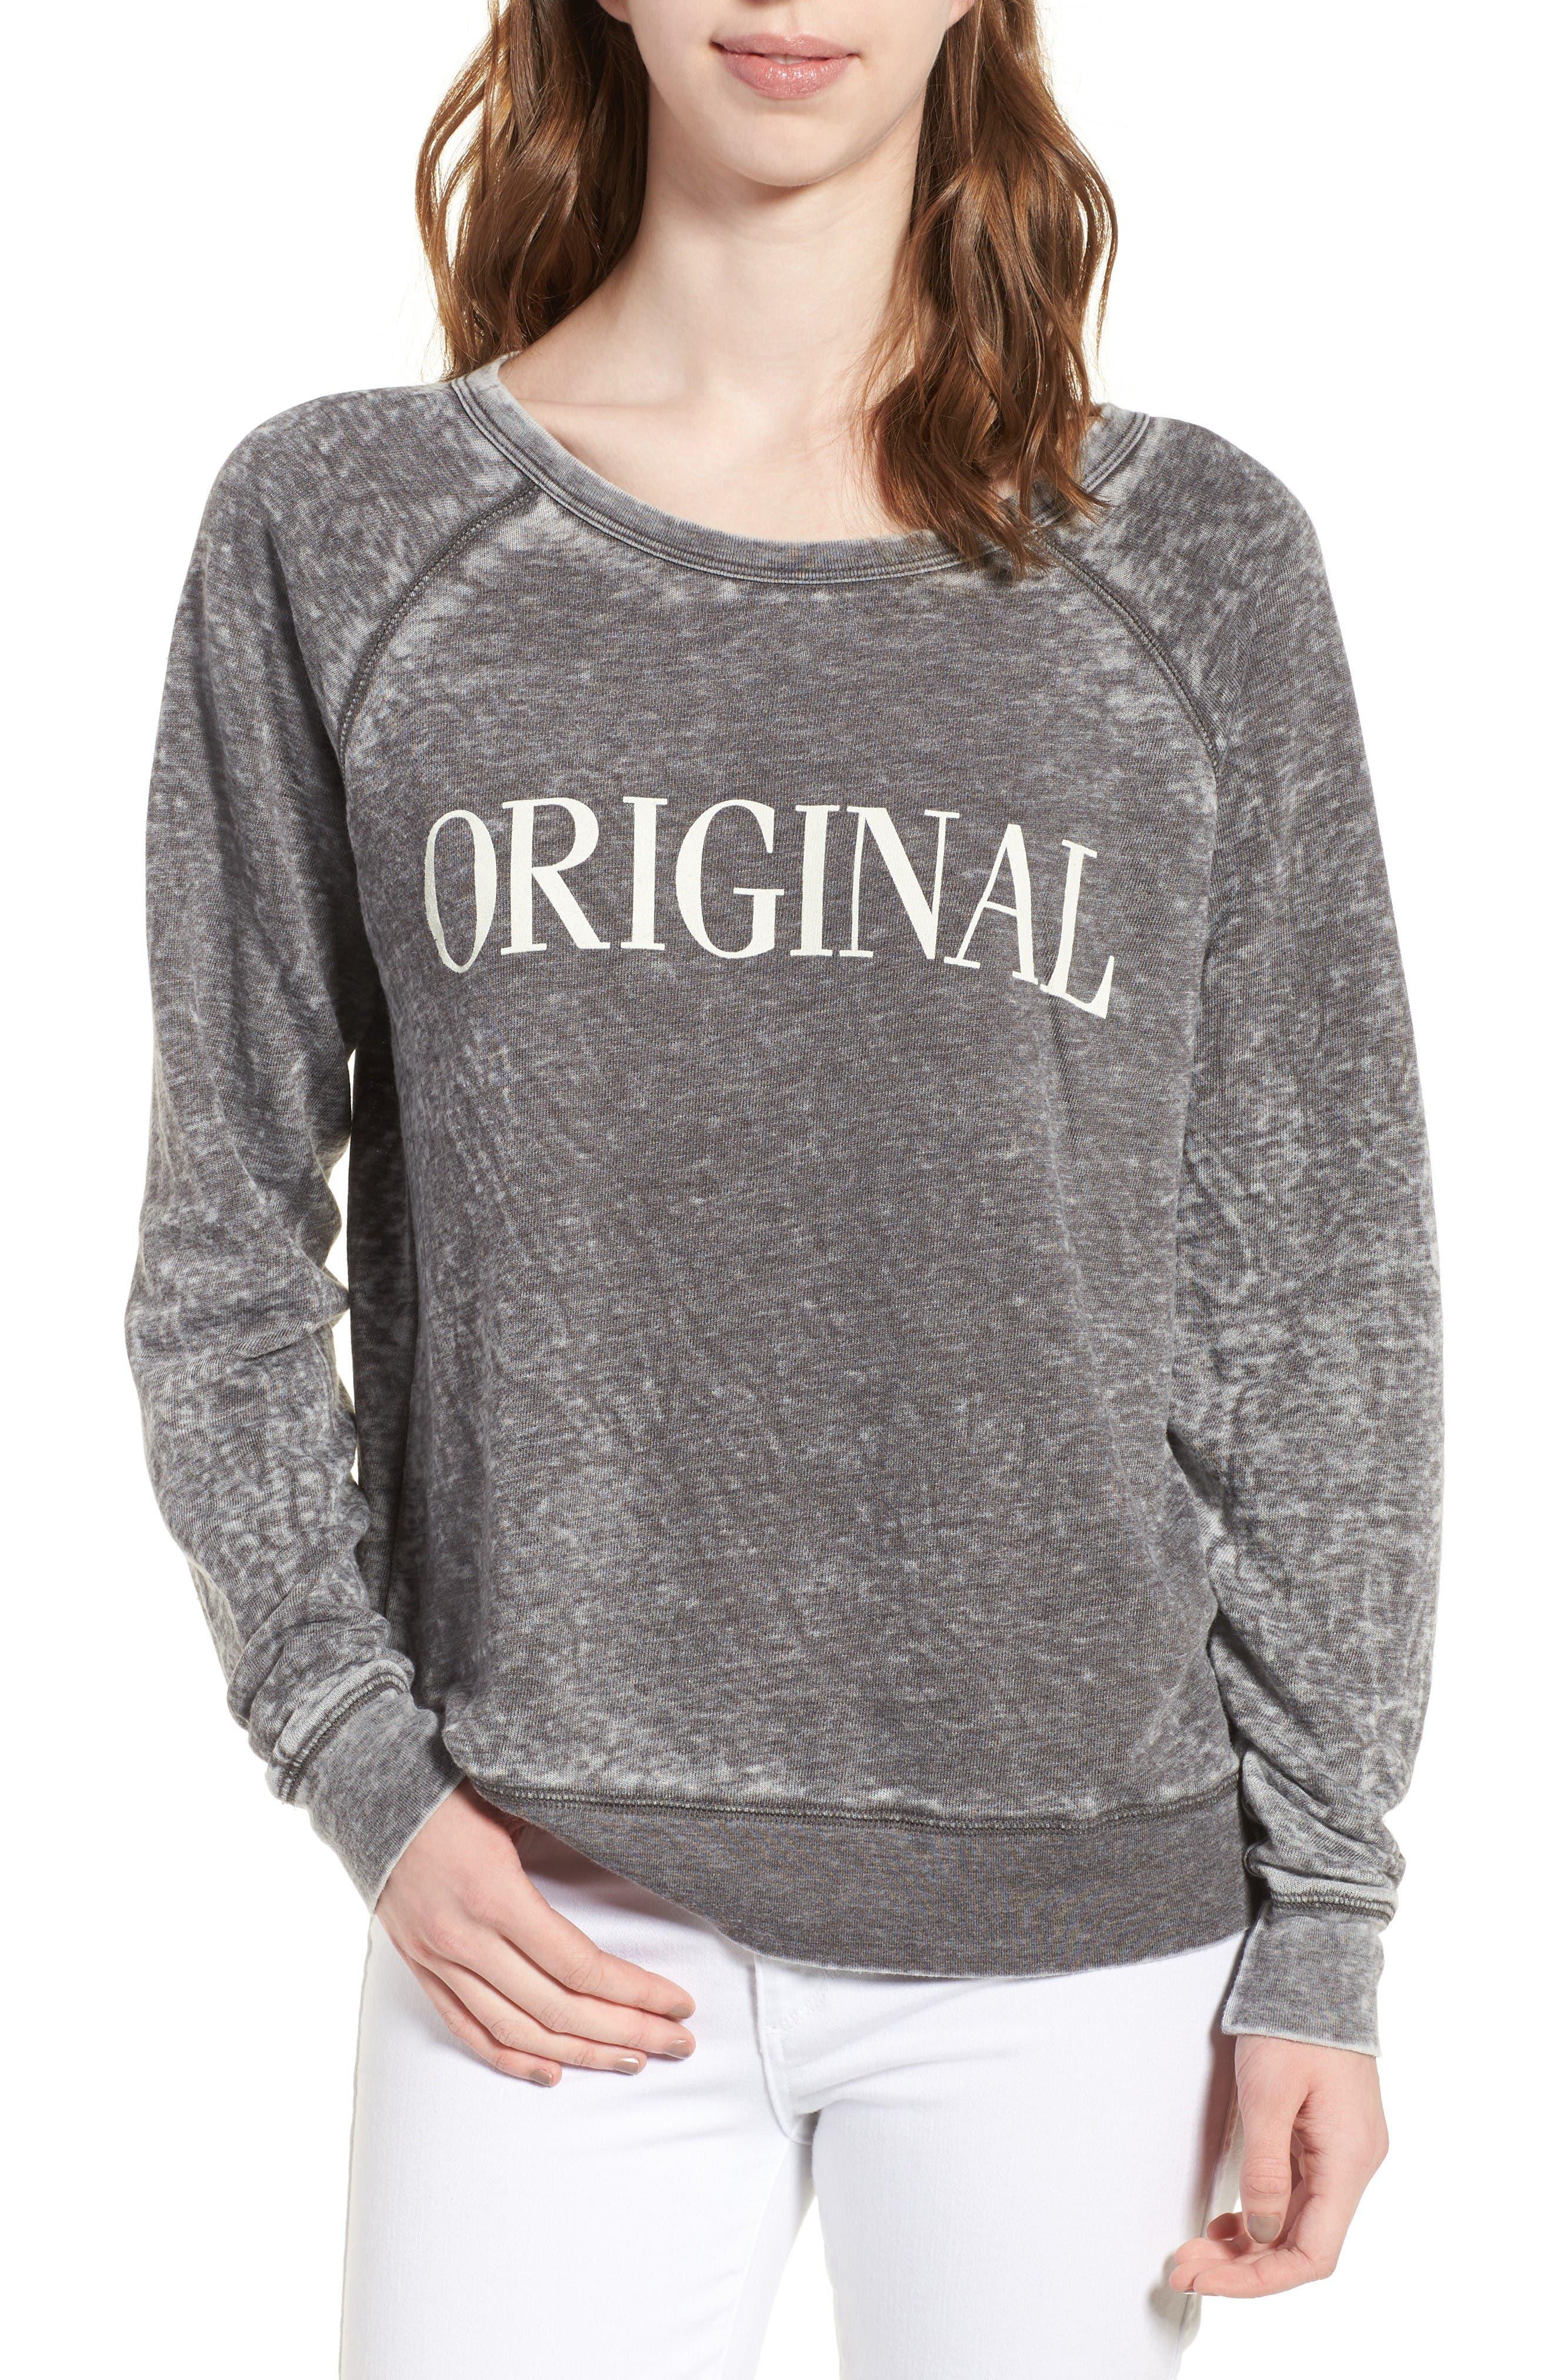 Alternate Image 1 Selected - Junk Food Original Burnout Sweatshirt